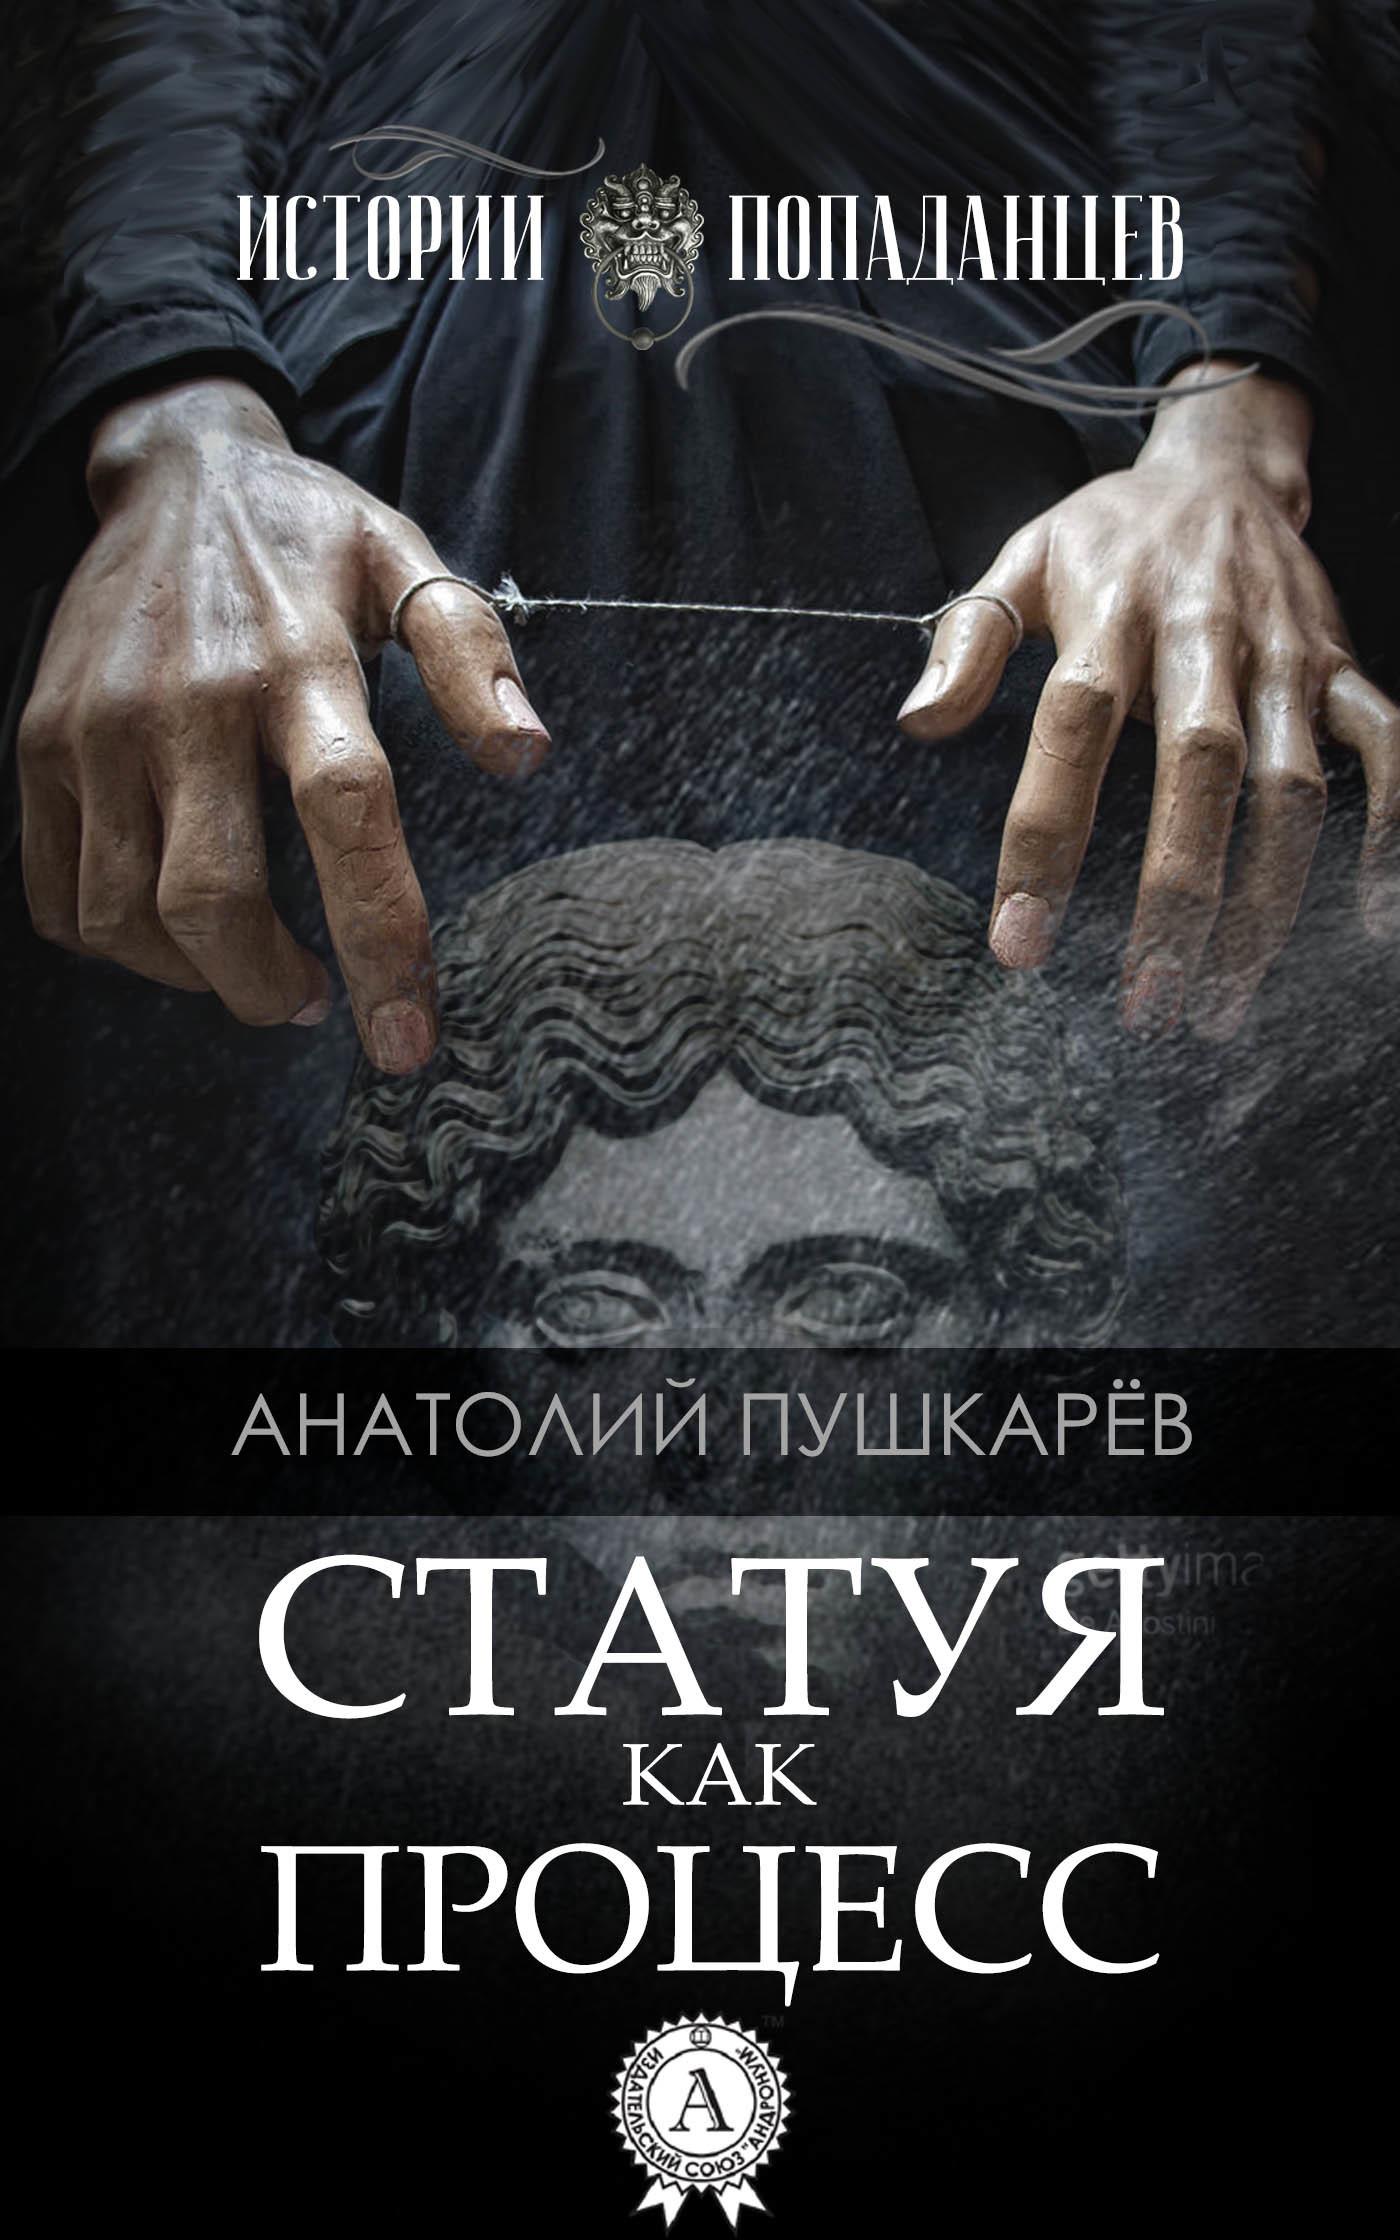 Анатолий Пушкарёв Статуя как процесс радуга м сверхвозможности человека как стать экстрасенсом